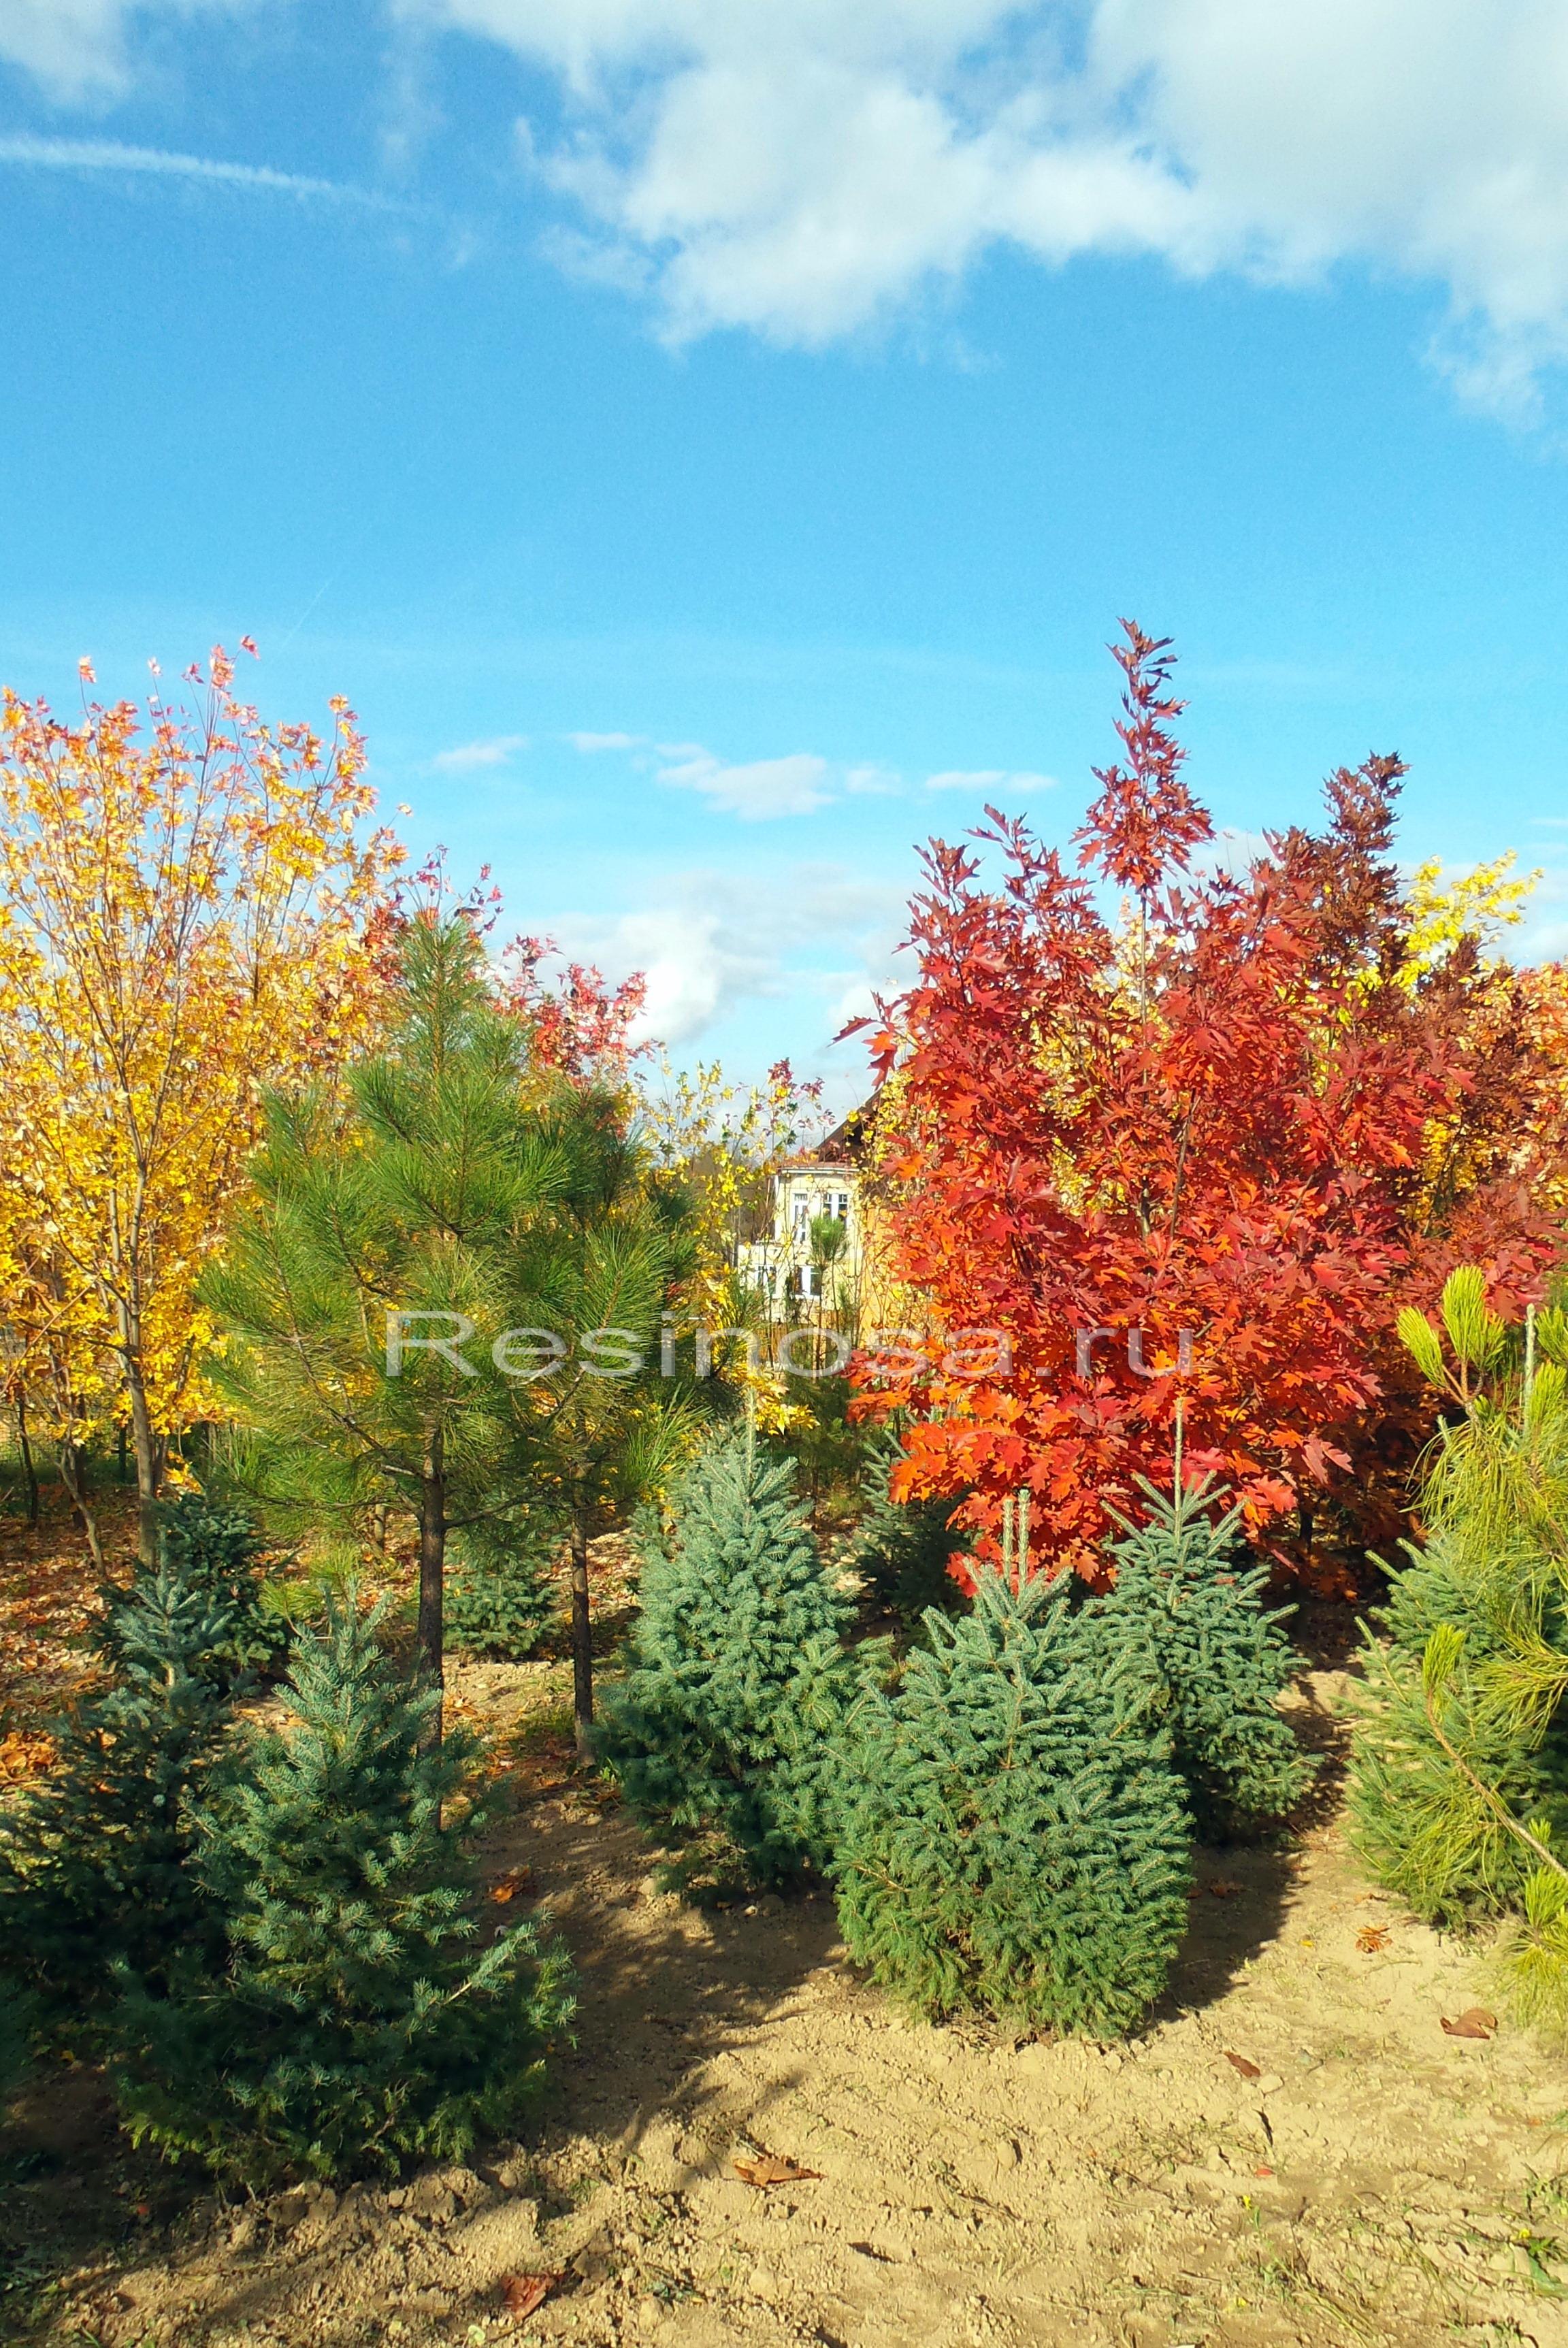 Сосна желтая, дуб красный и ель Энгельмана, сосна горная.